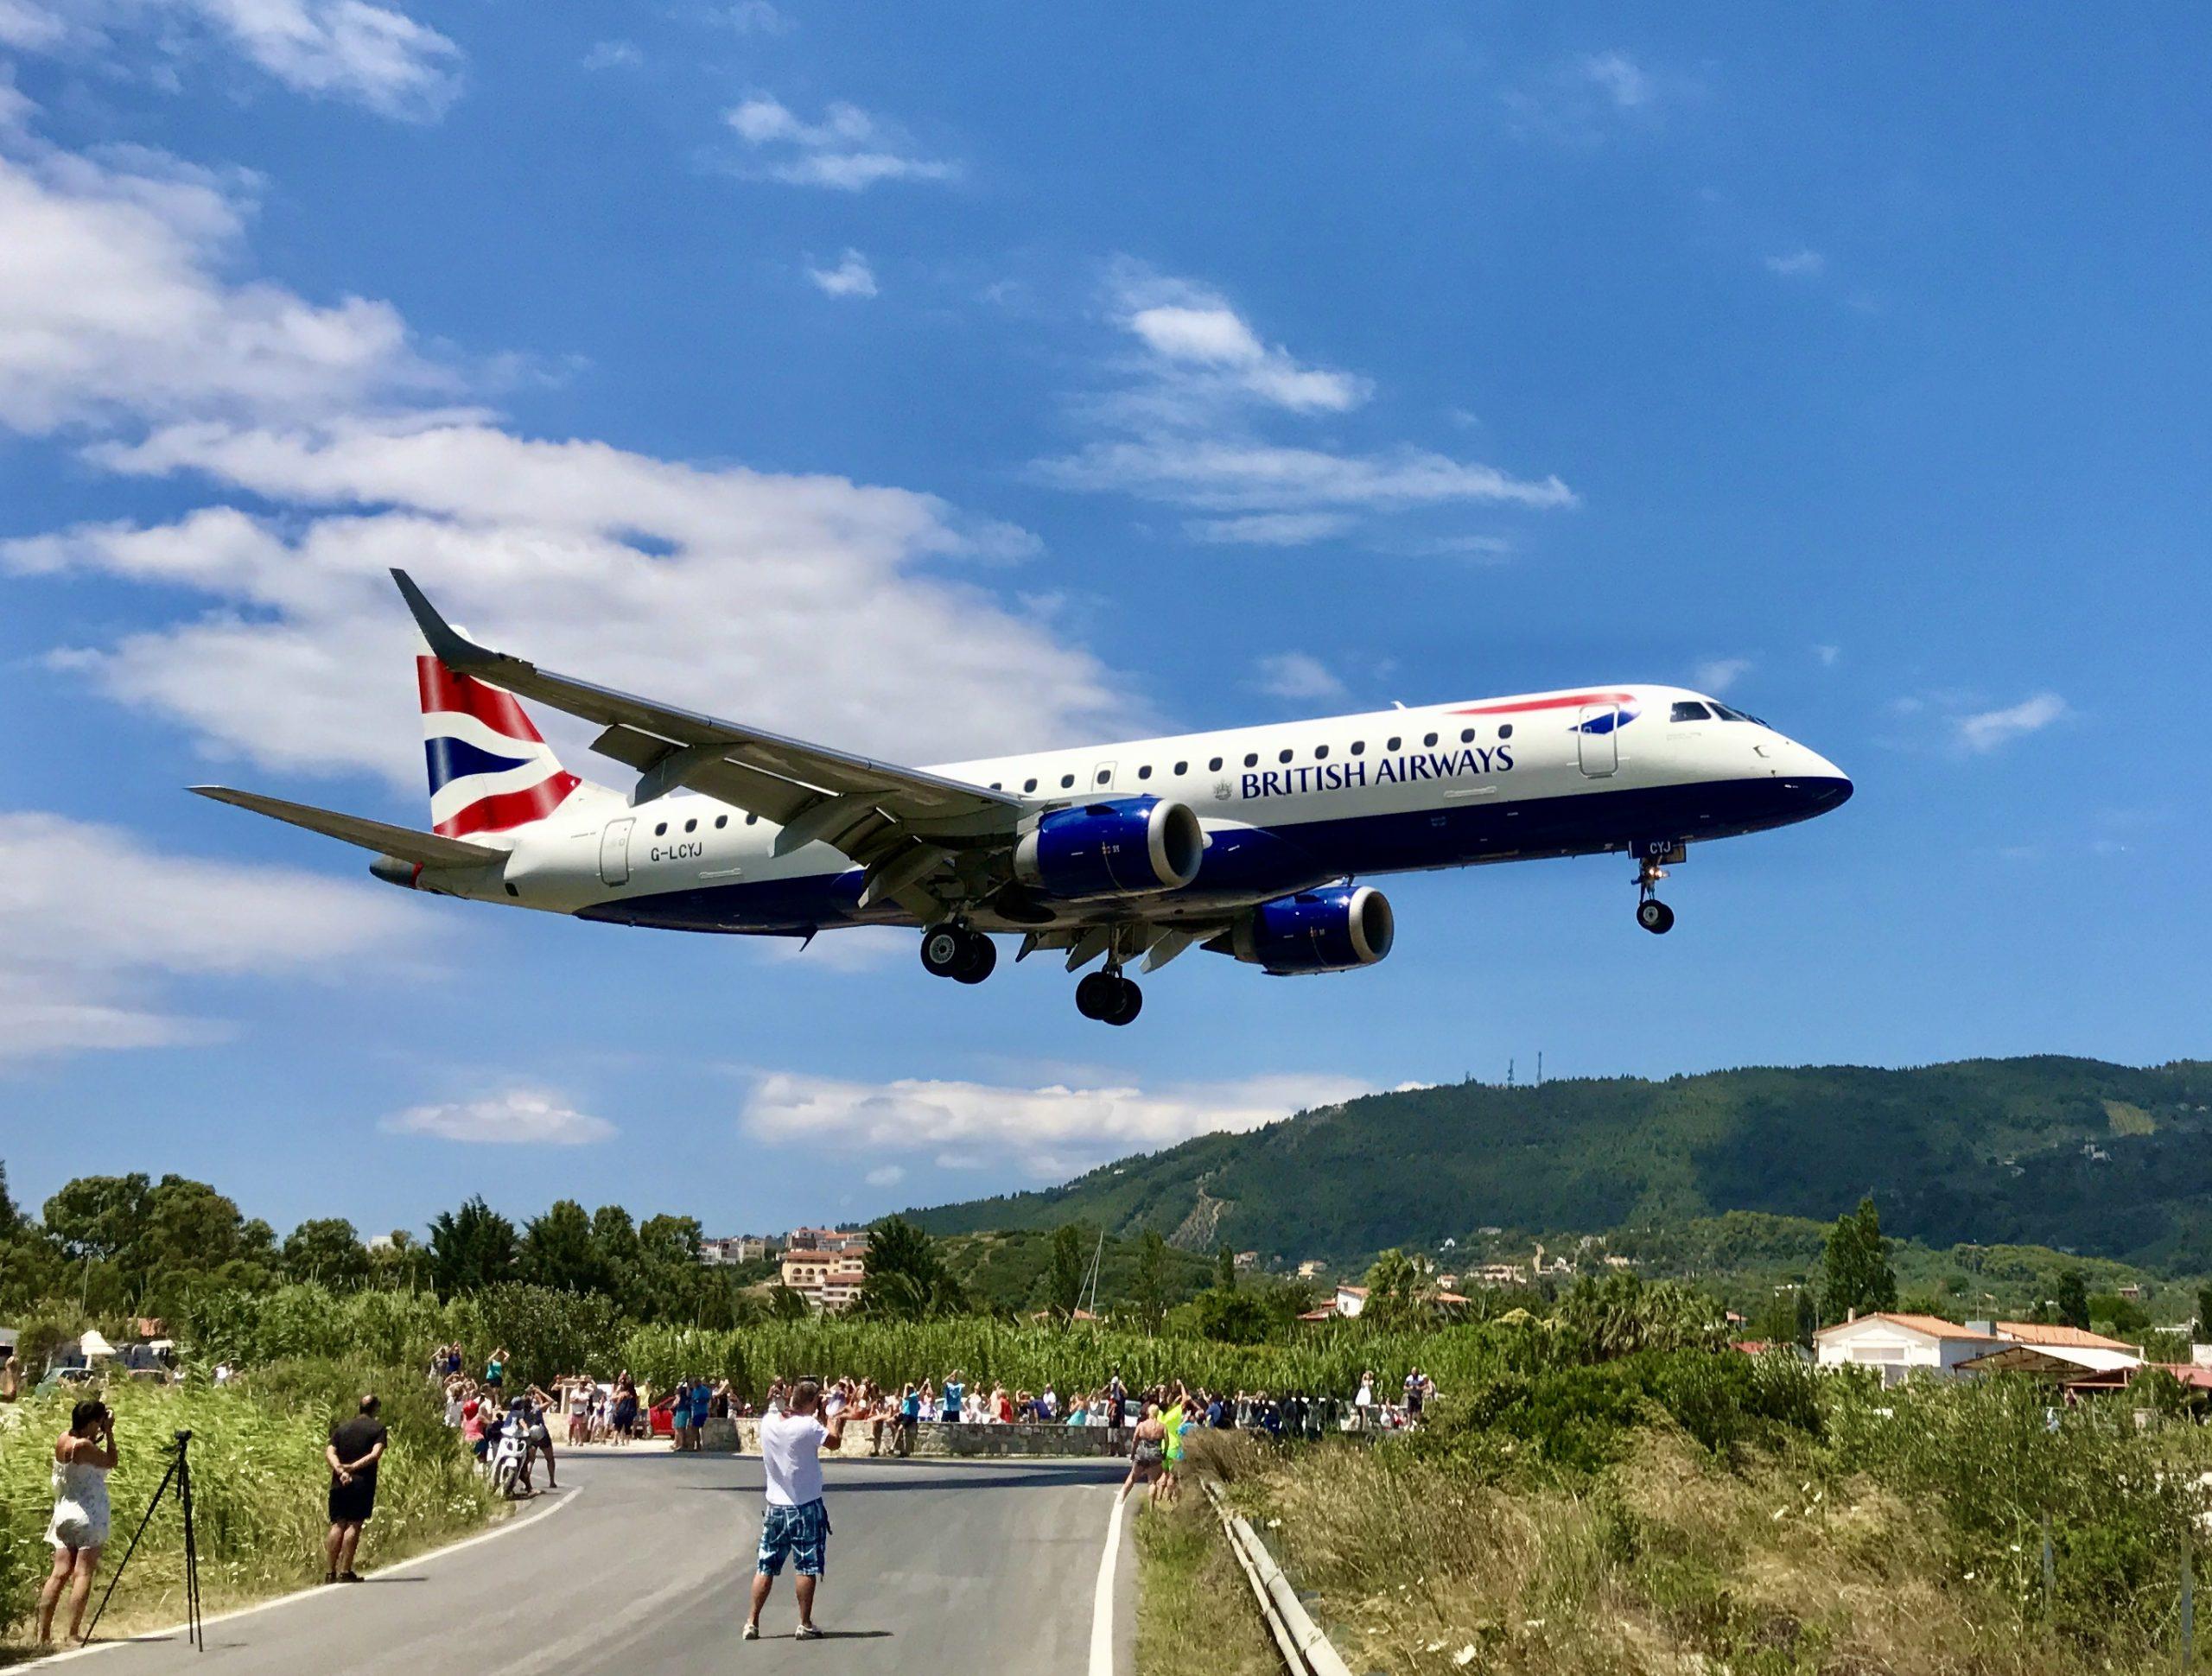 Bilden visar flightspotting på Skiathos. Ett flygplan från British airways går ner för landning på Skiathos airport